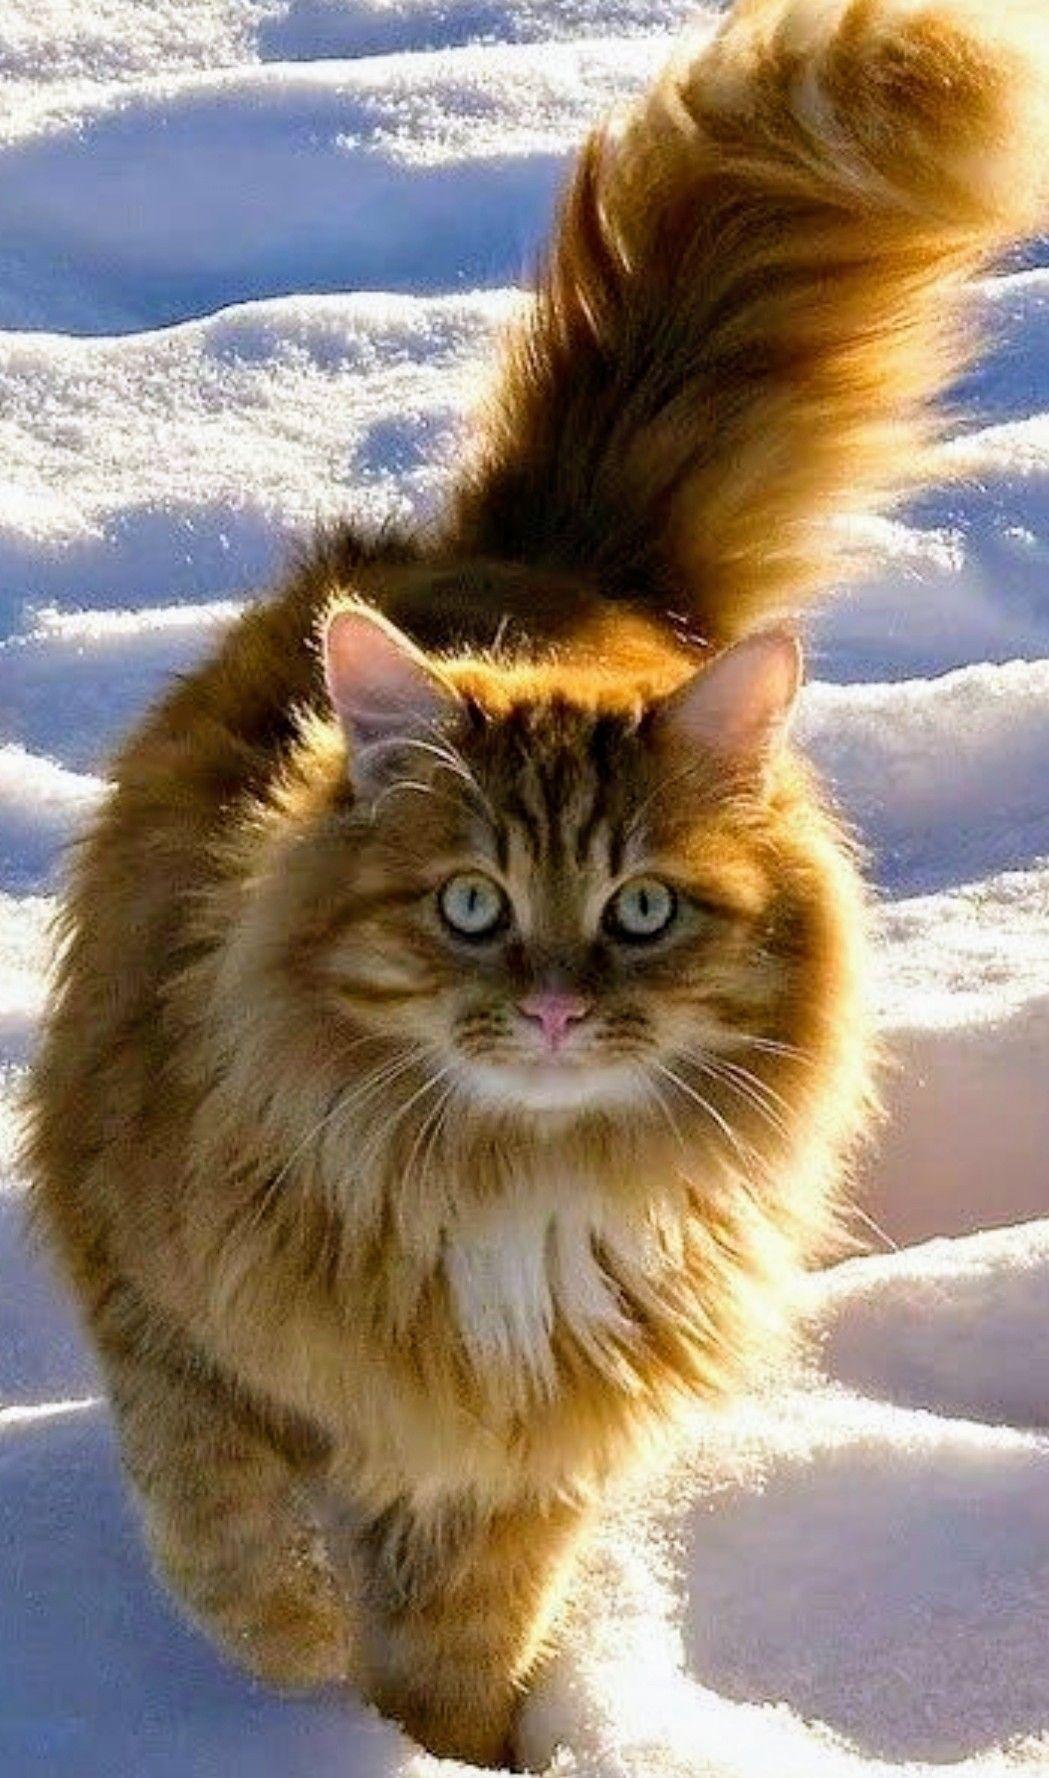 Orange Norwegian Forest Cat in the snow - not cold at all #cat #orangecat #norwegianforestcat ...